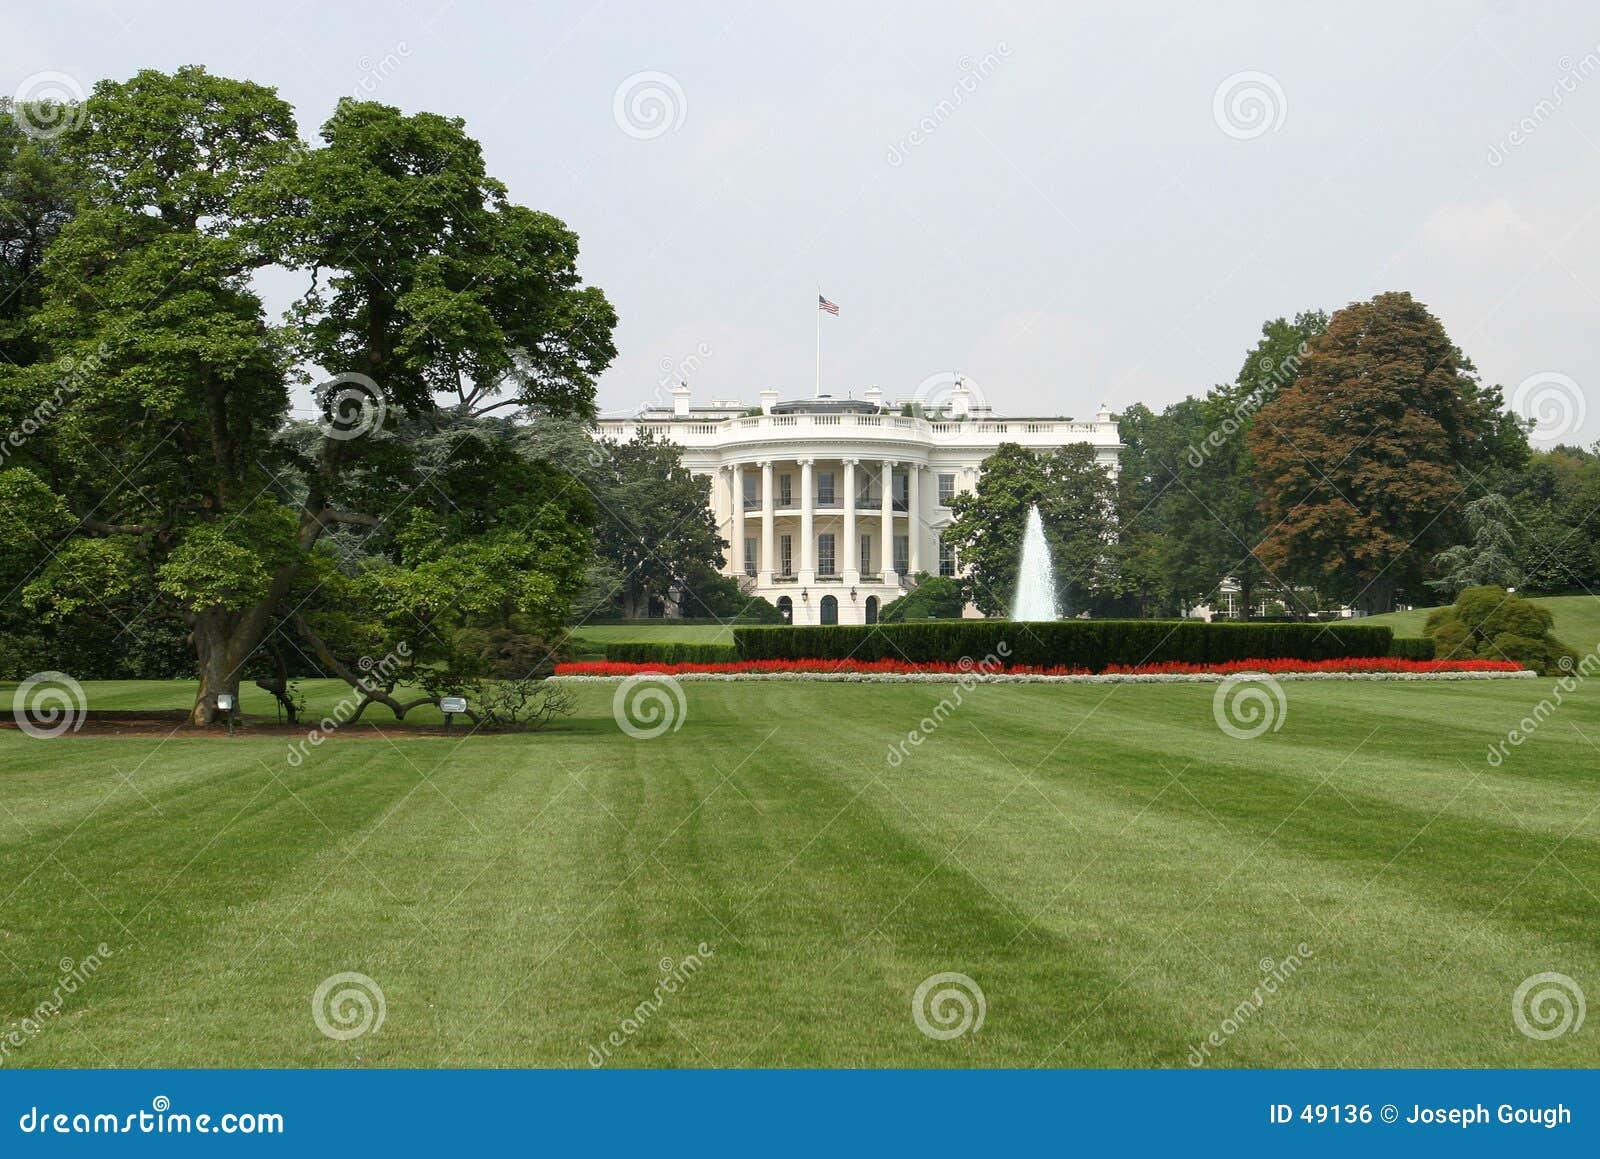 Das Weiße Haus, hinter